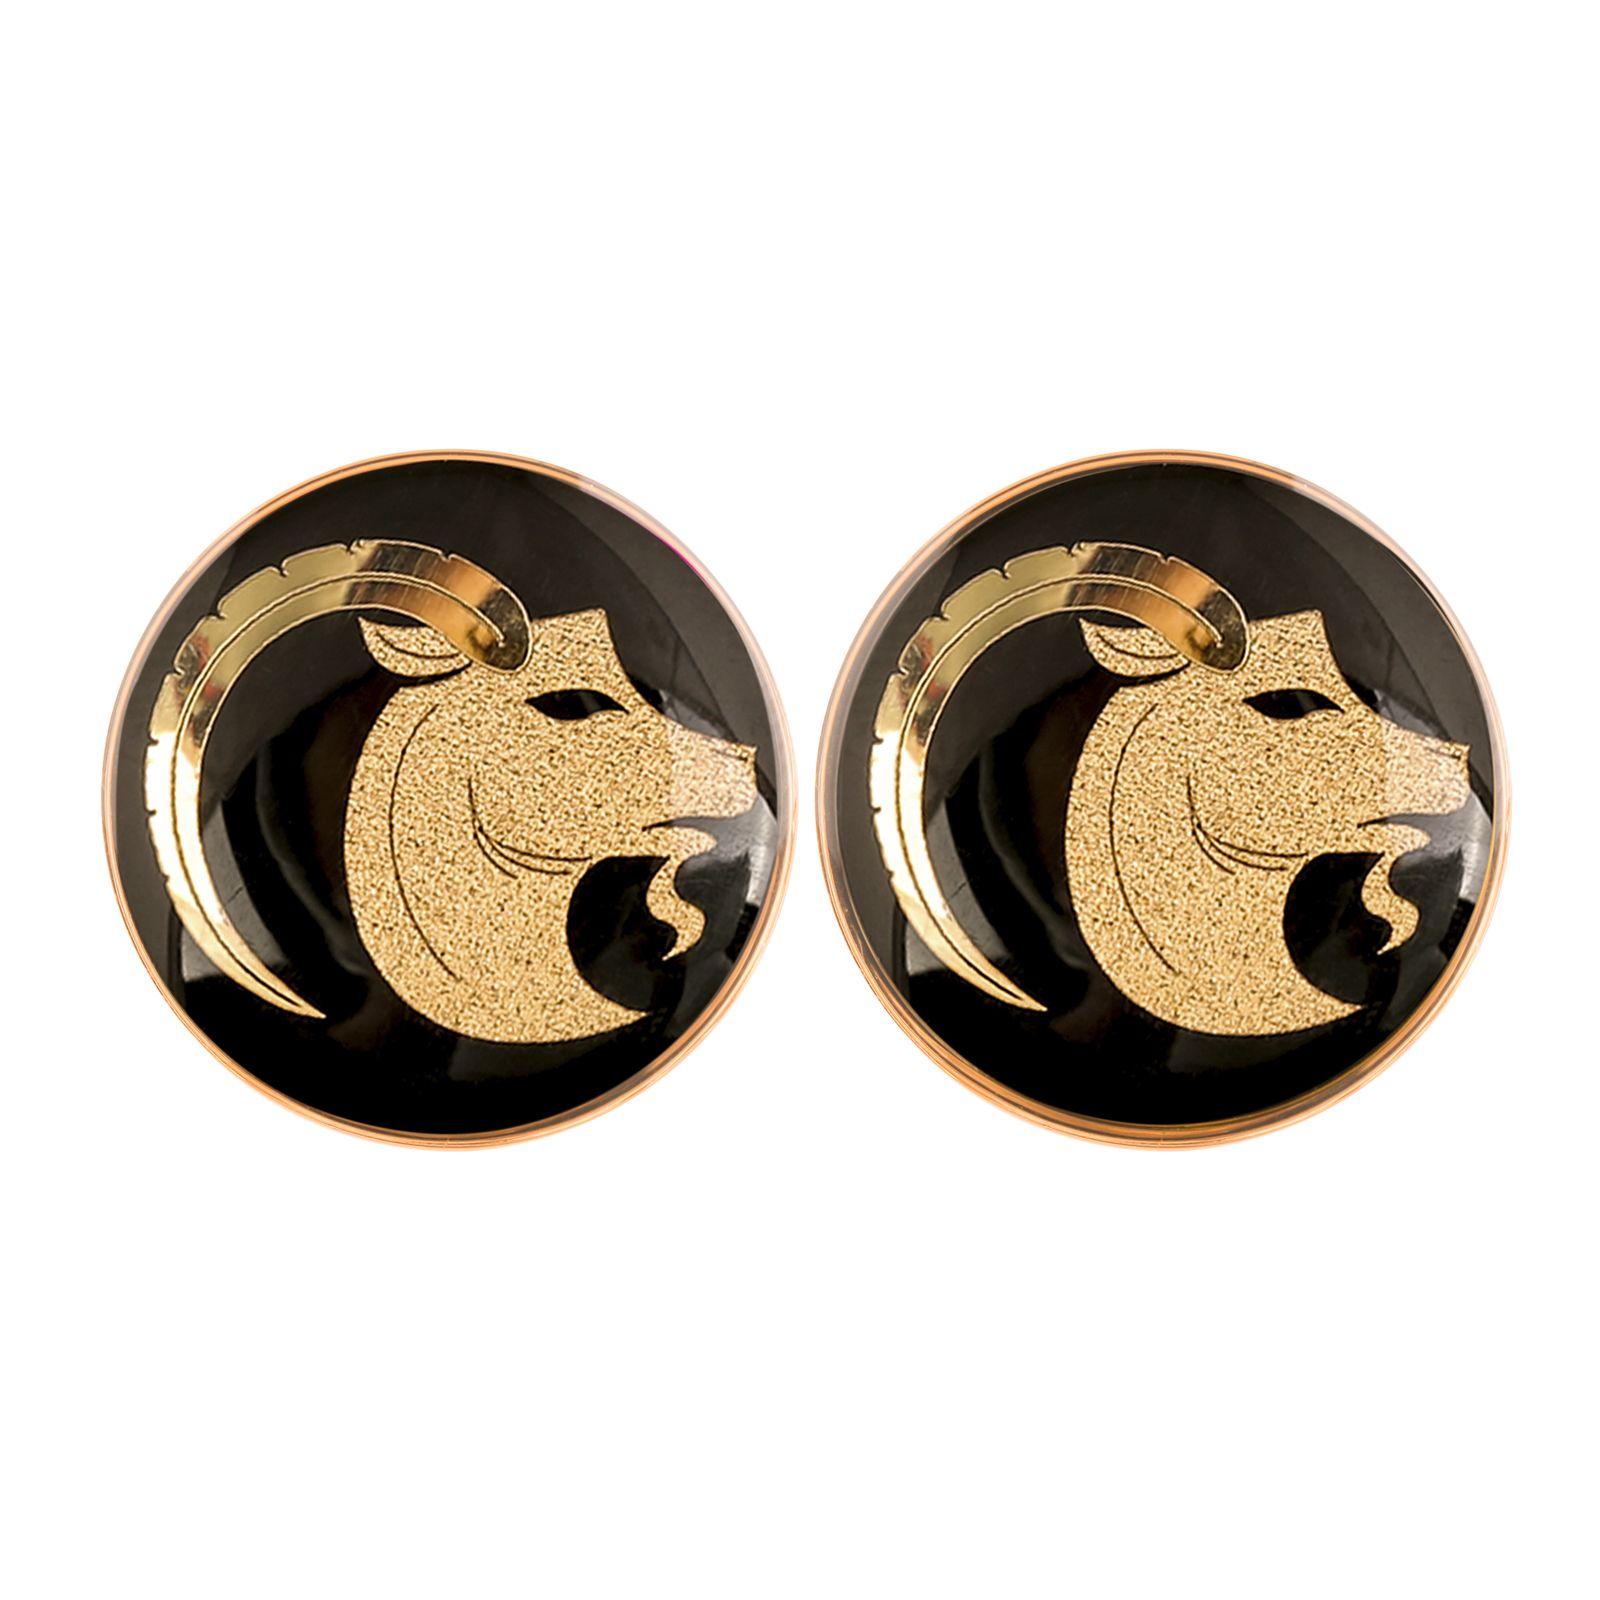 دکمه سردست مردانه الون طرح نماد ماه دی -  - 5